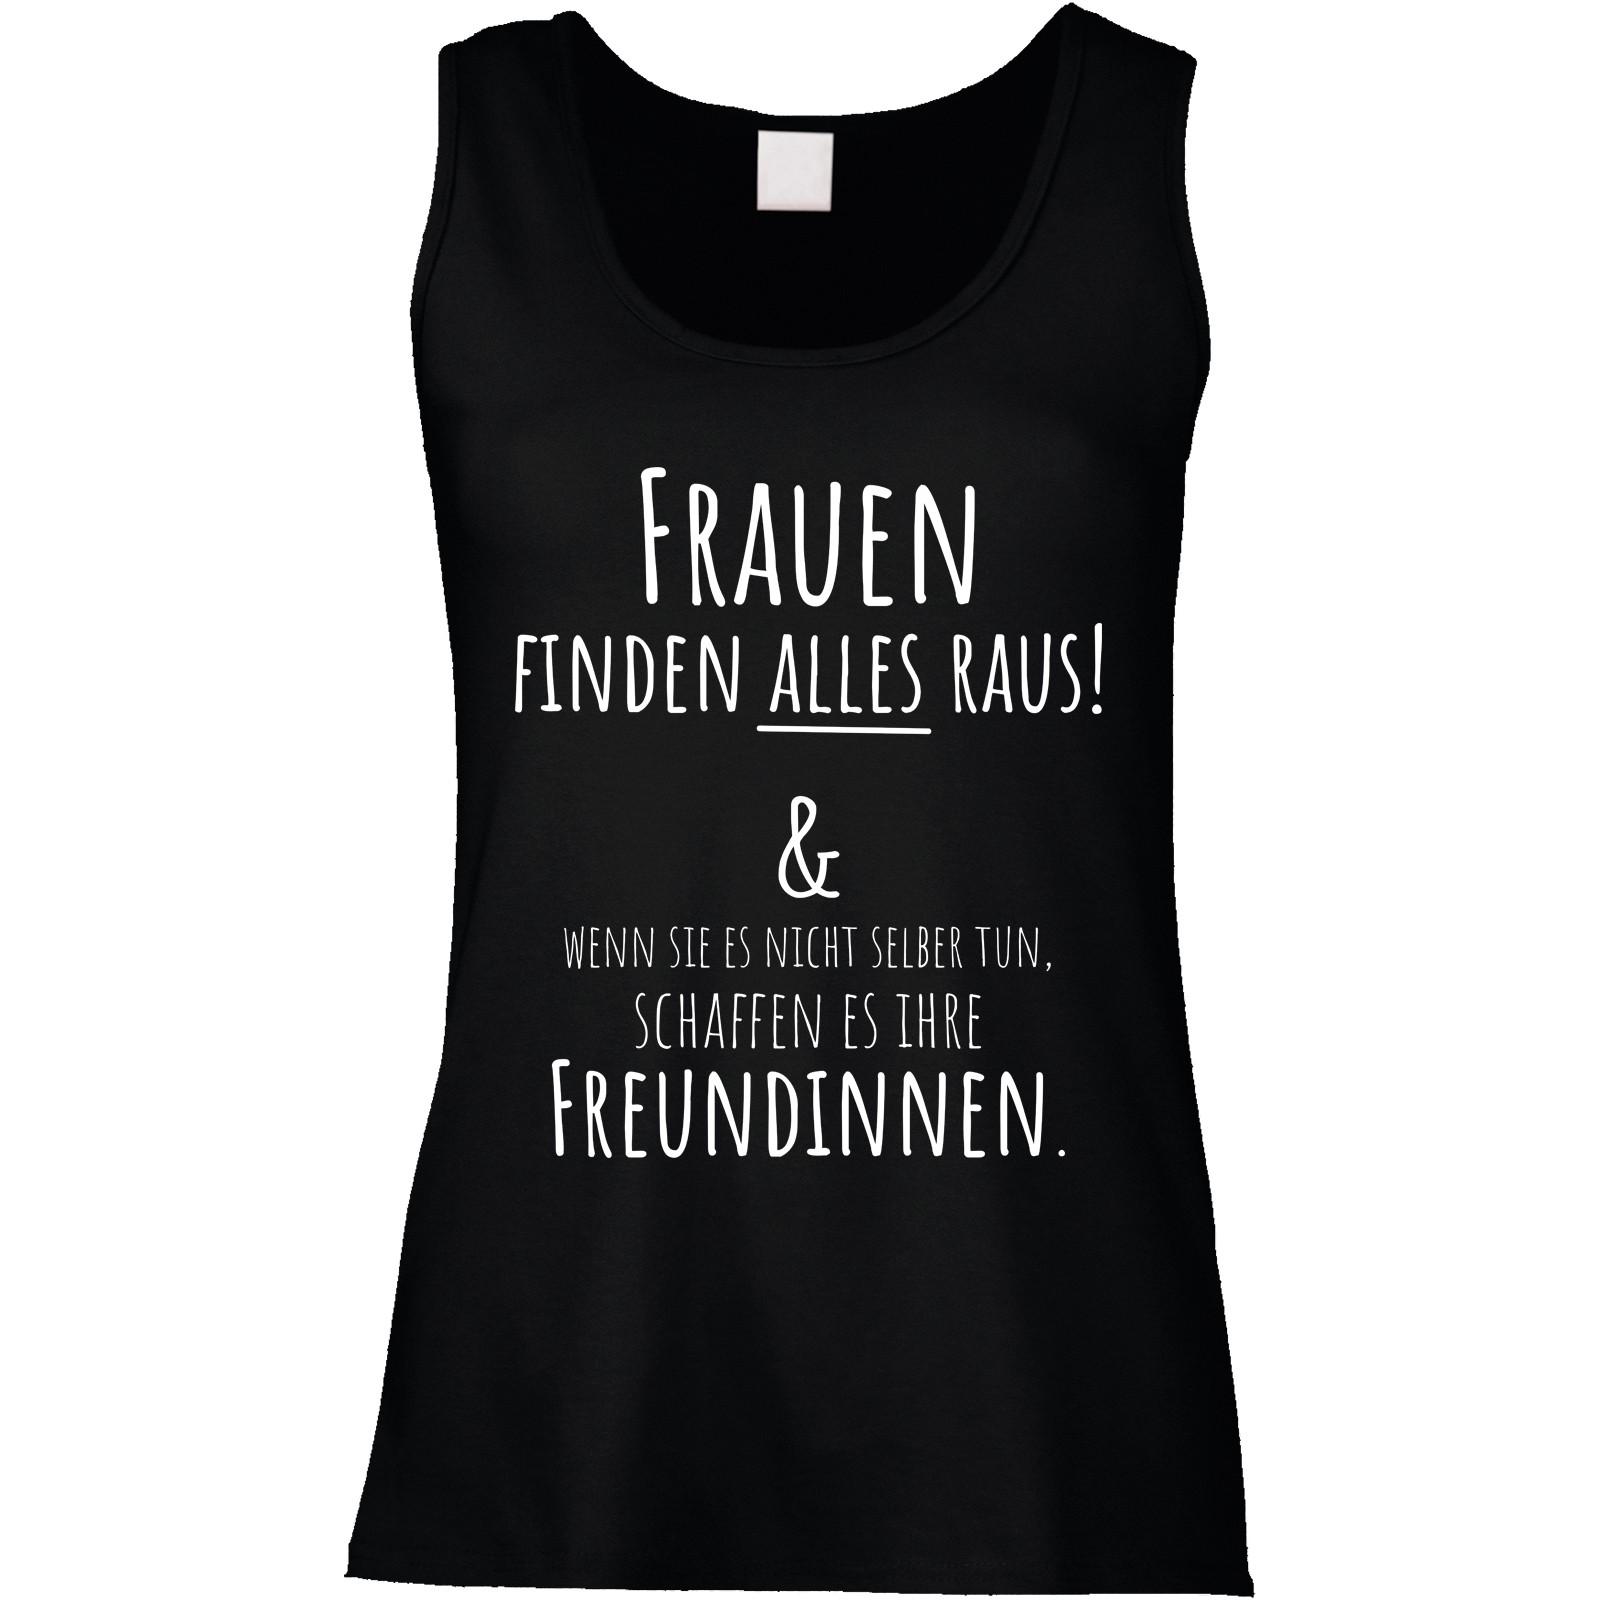 Funshirt oder Tanktop: Frauen finden ALLES raus!...